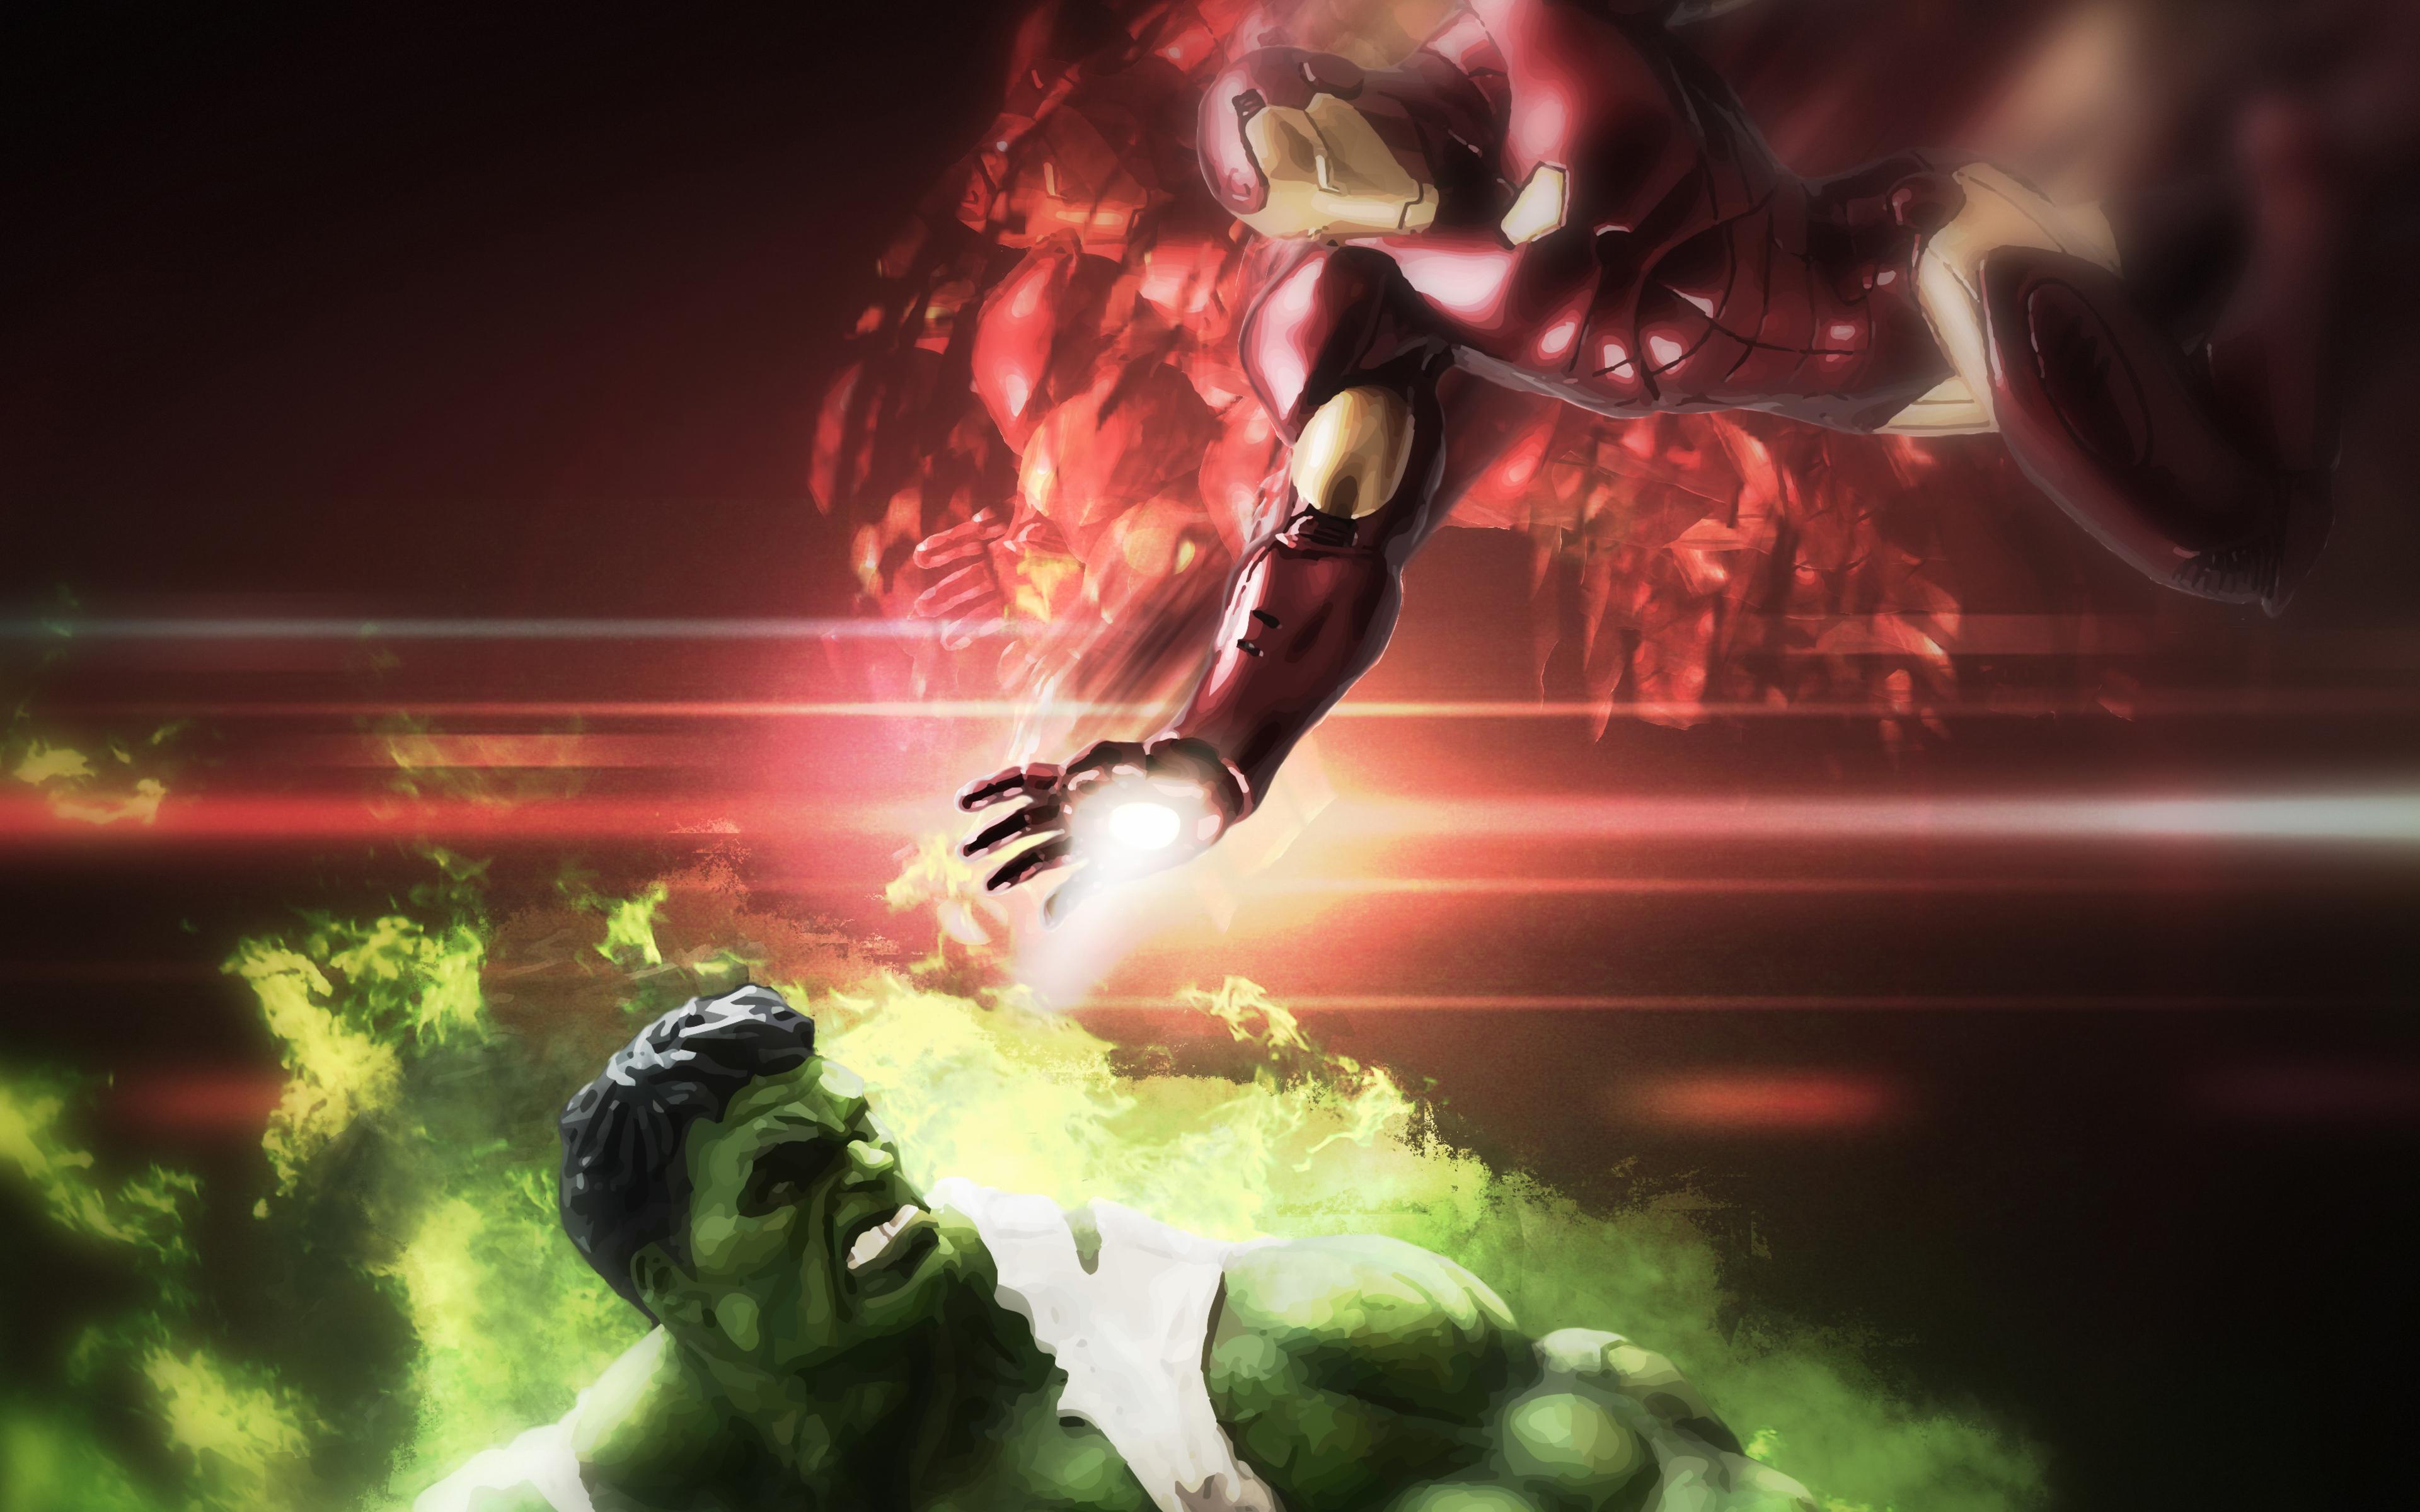 hulk-and-iron-man-art-2f.jpg